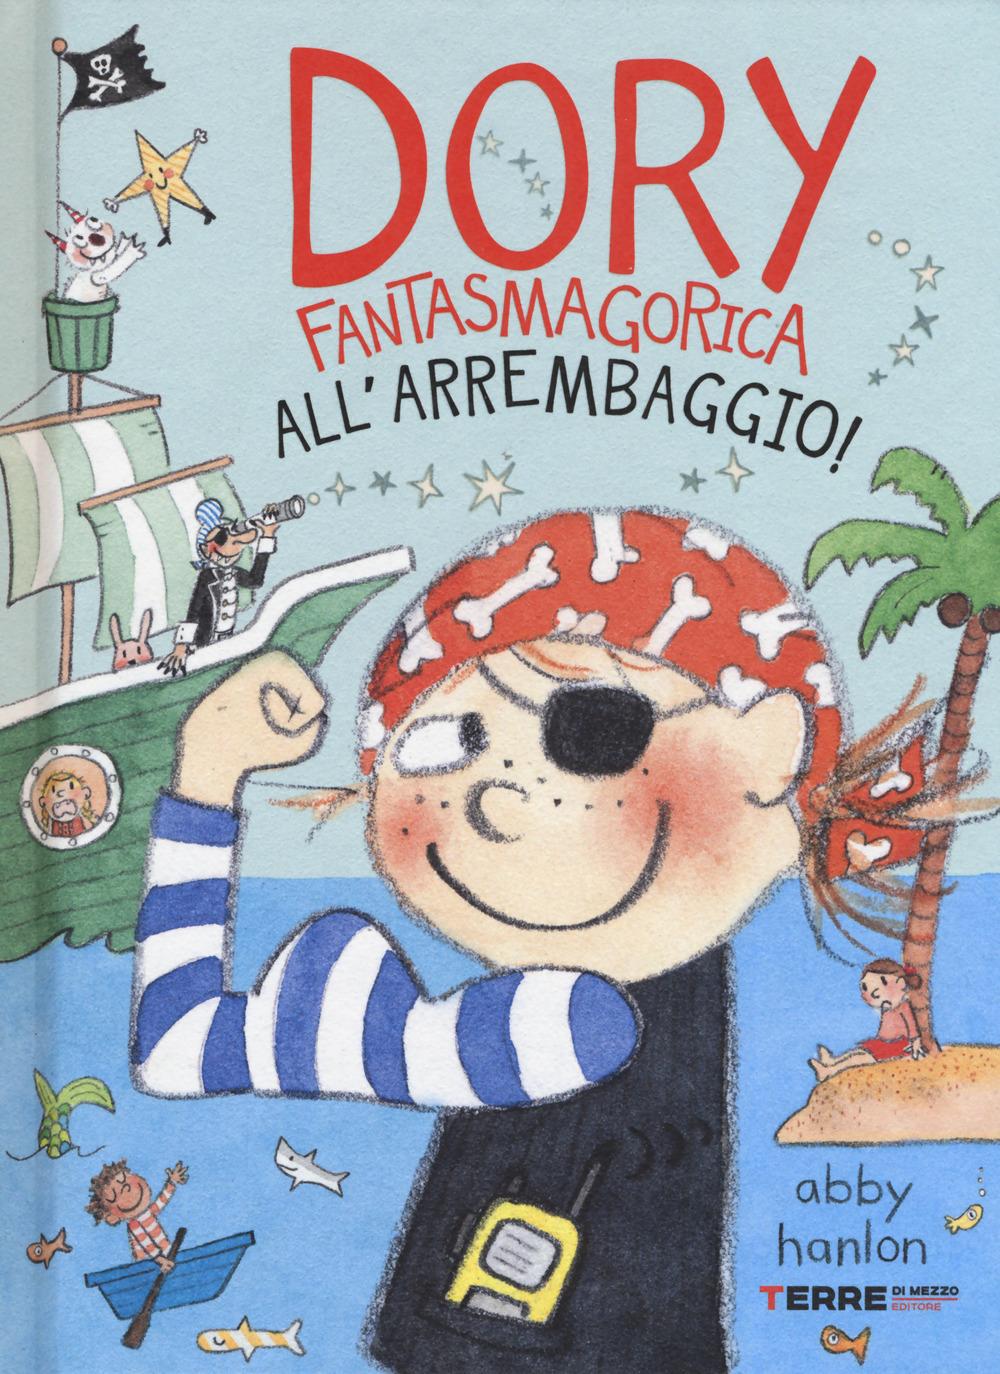 Libri Abby Hanlon - All'arrembaggio! Dory Fantasmagorica NUOVO SIGILLATO, EDIZIONE DEL 24/10/2019 SUBITO DISPONIBILE